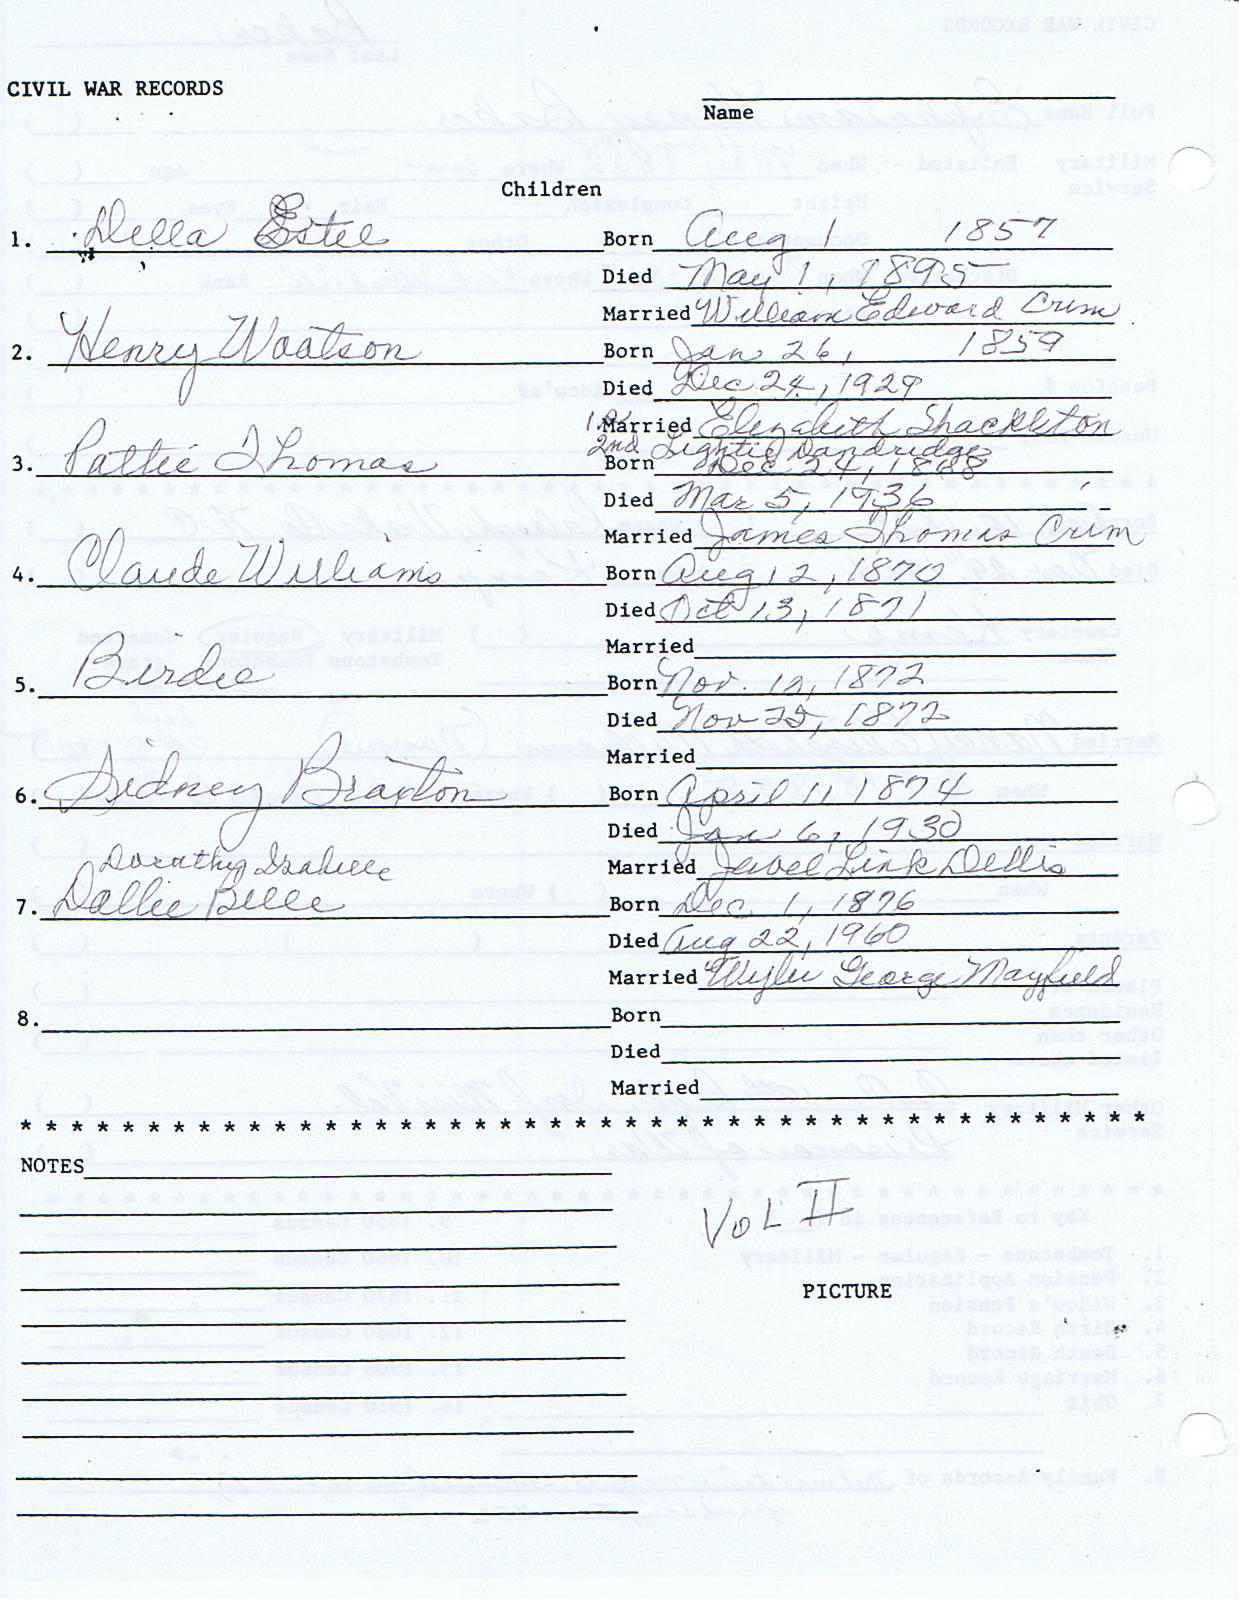 baker-kaufman_civil_war_records-3502a